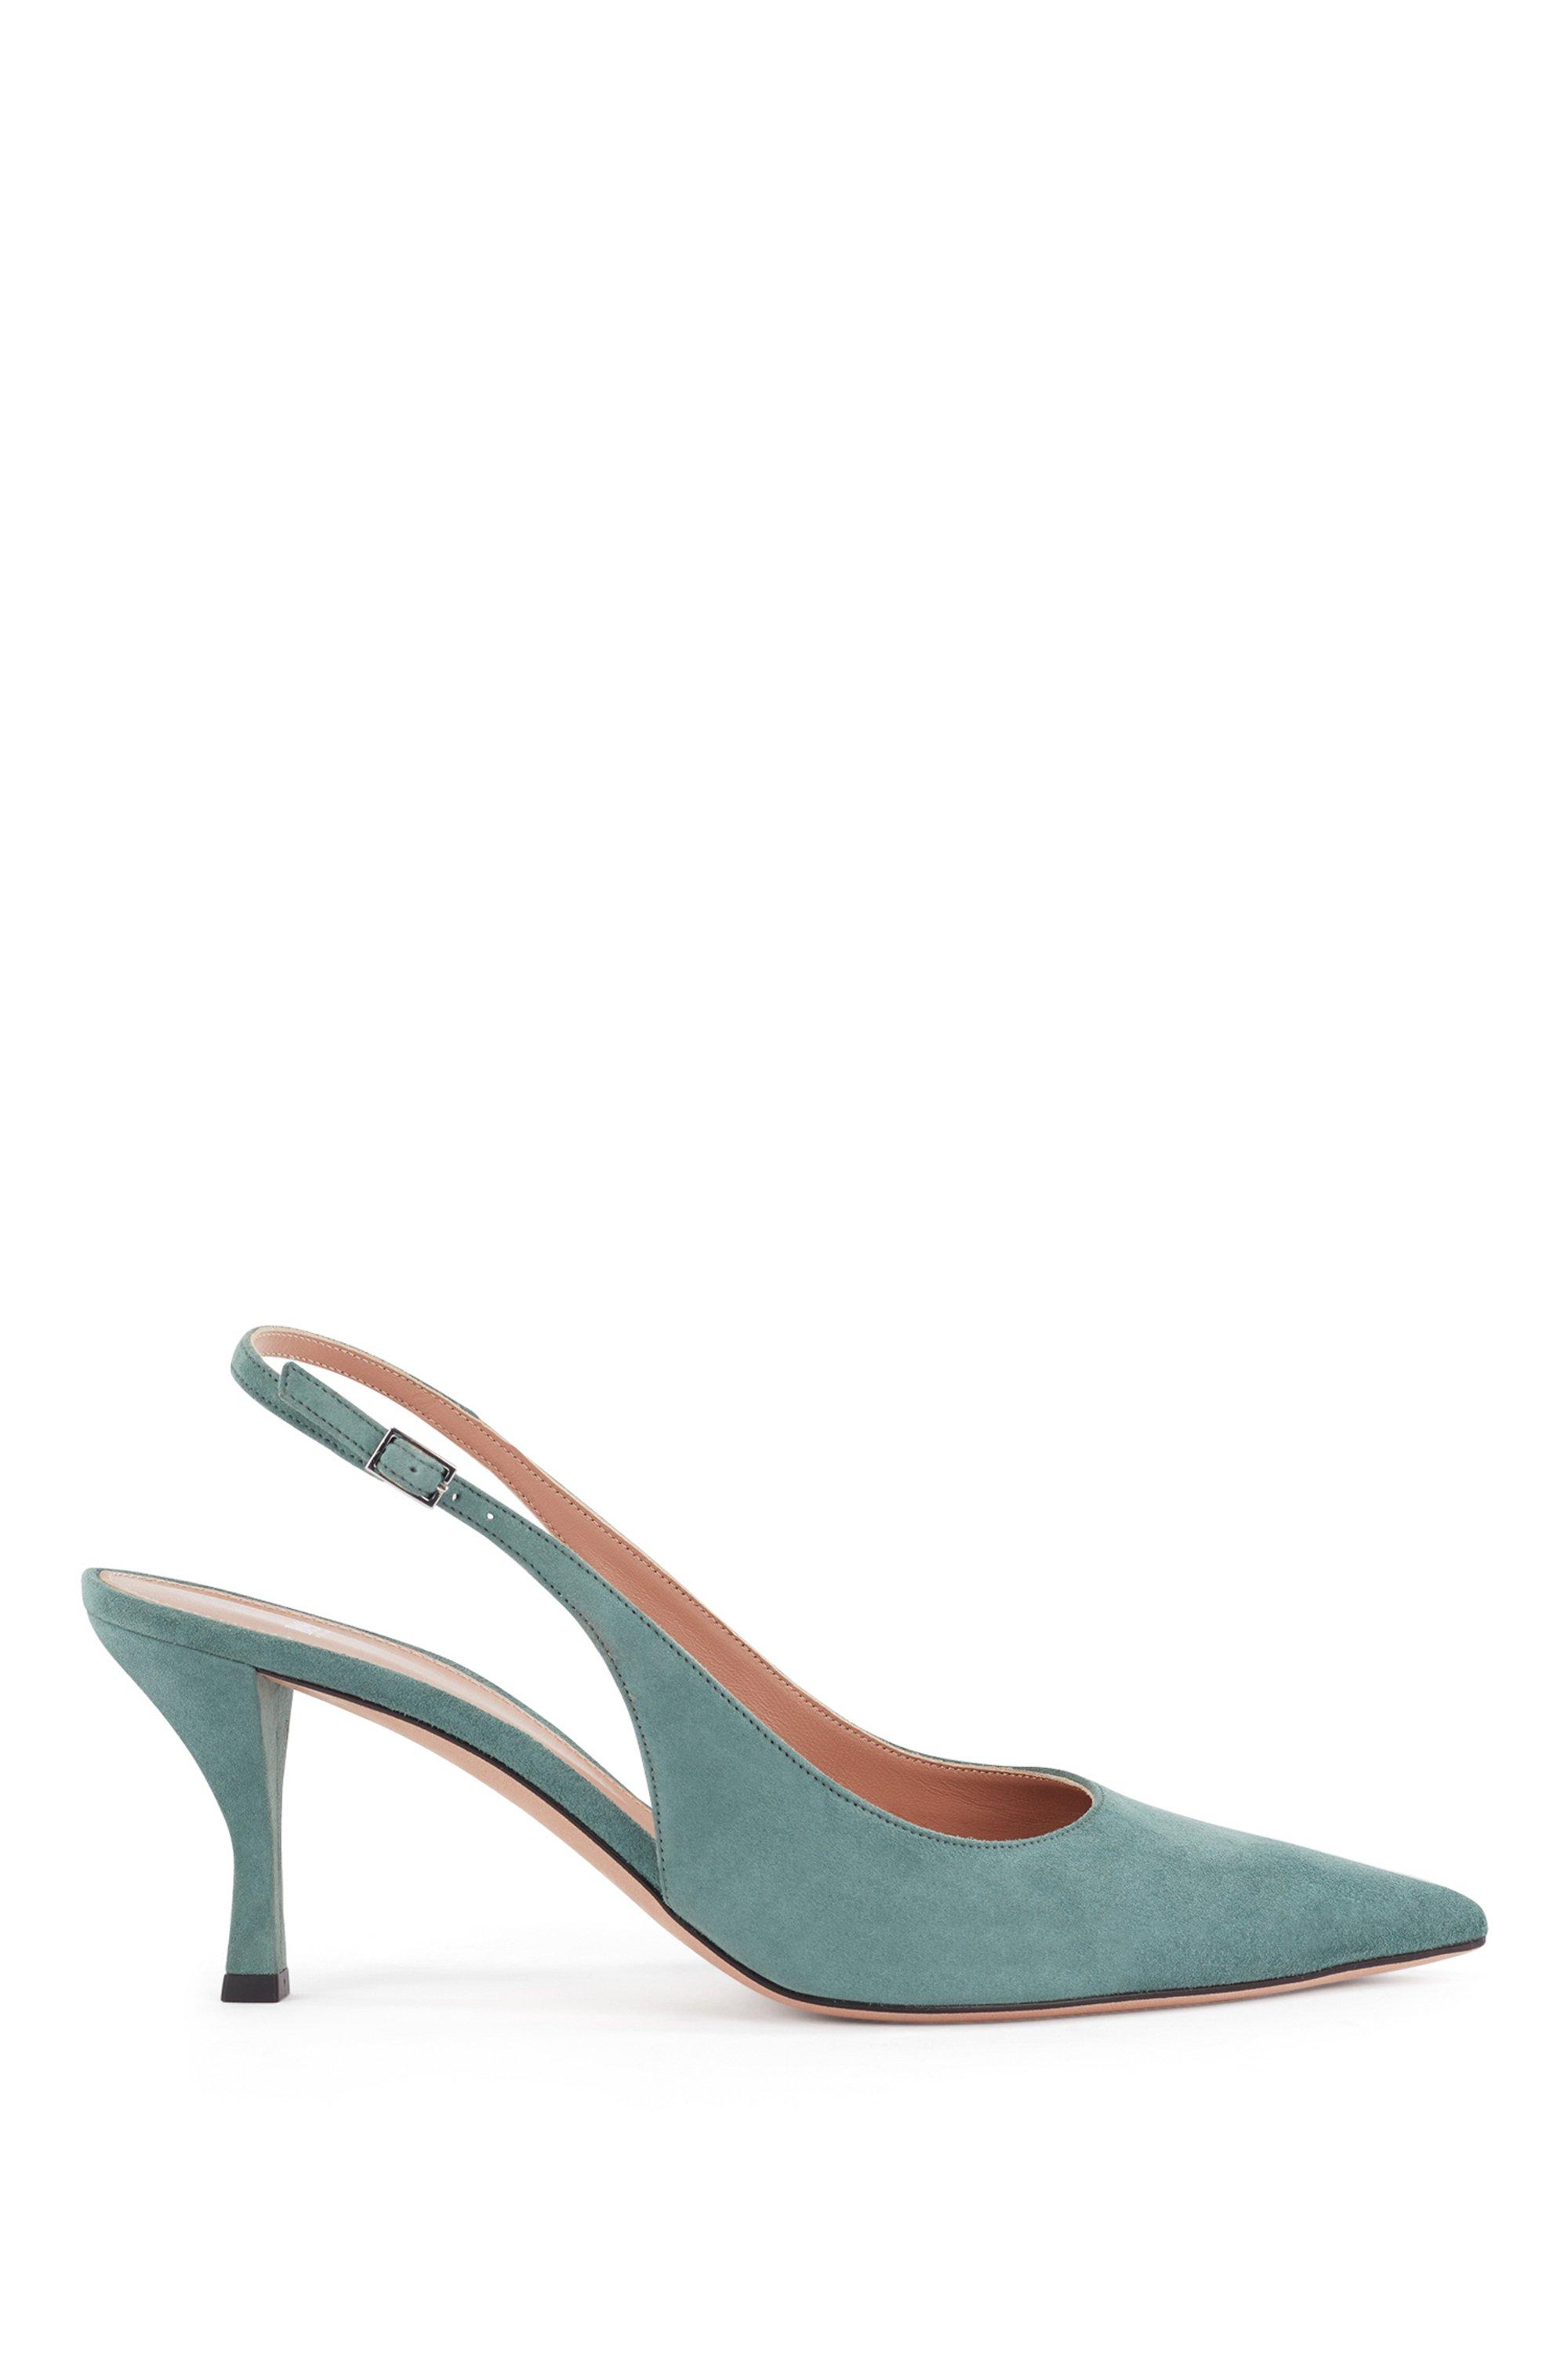 Chaussures à talon ouvert en cuir suédé italien, à bout pointu, Chaux